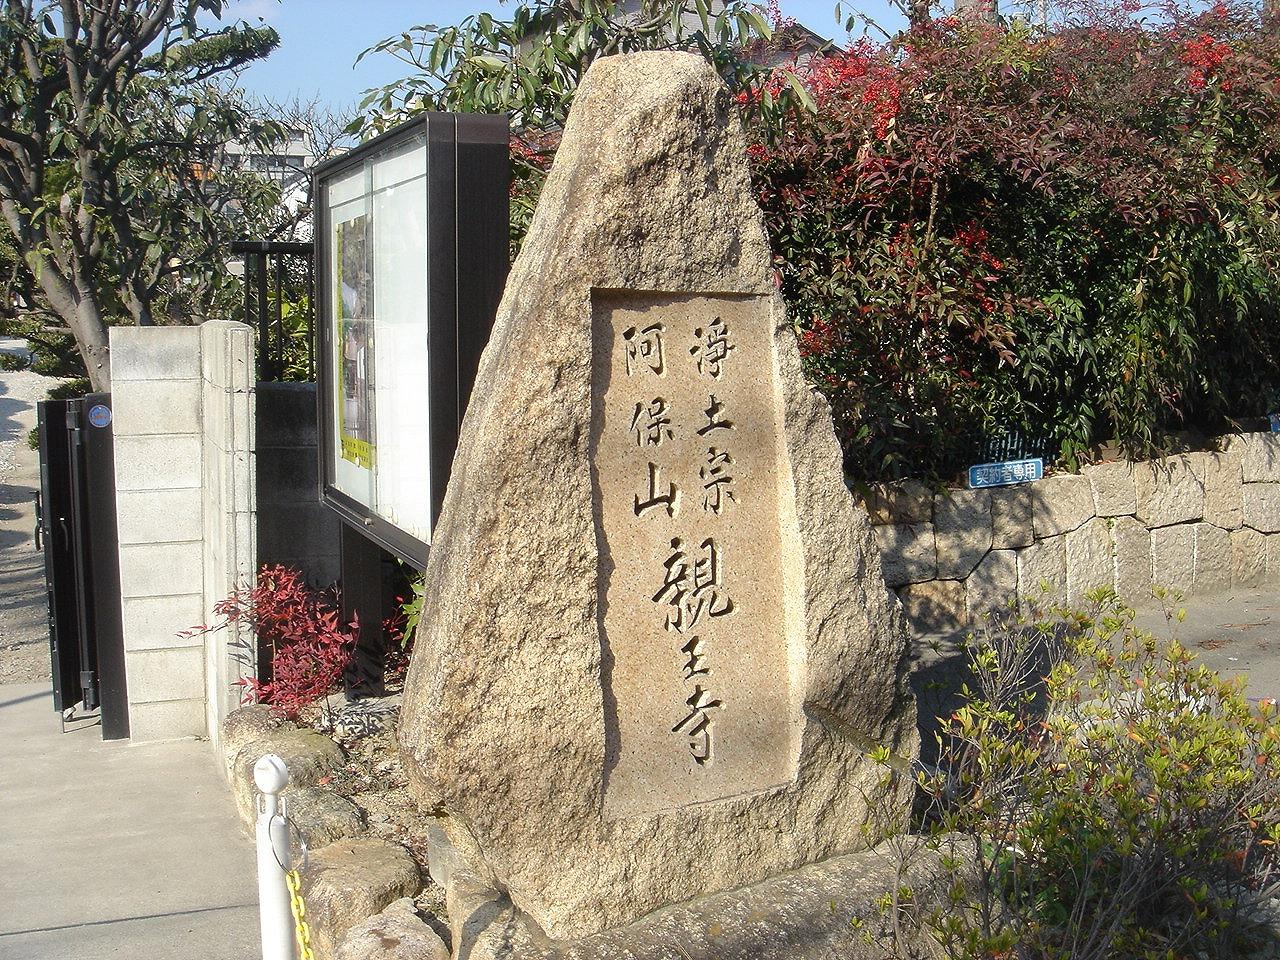 芦屋市にある歴史上由緒あるお寺 親王寺境内墓地の石碑